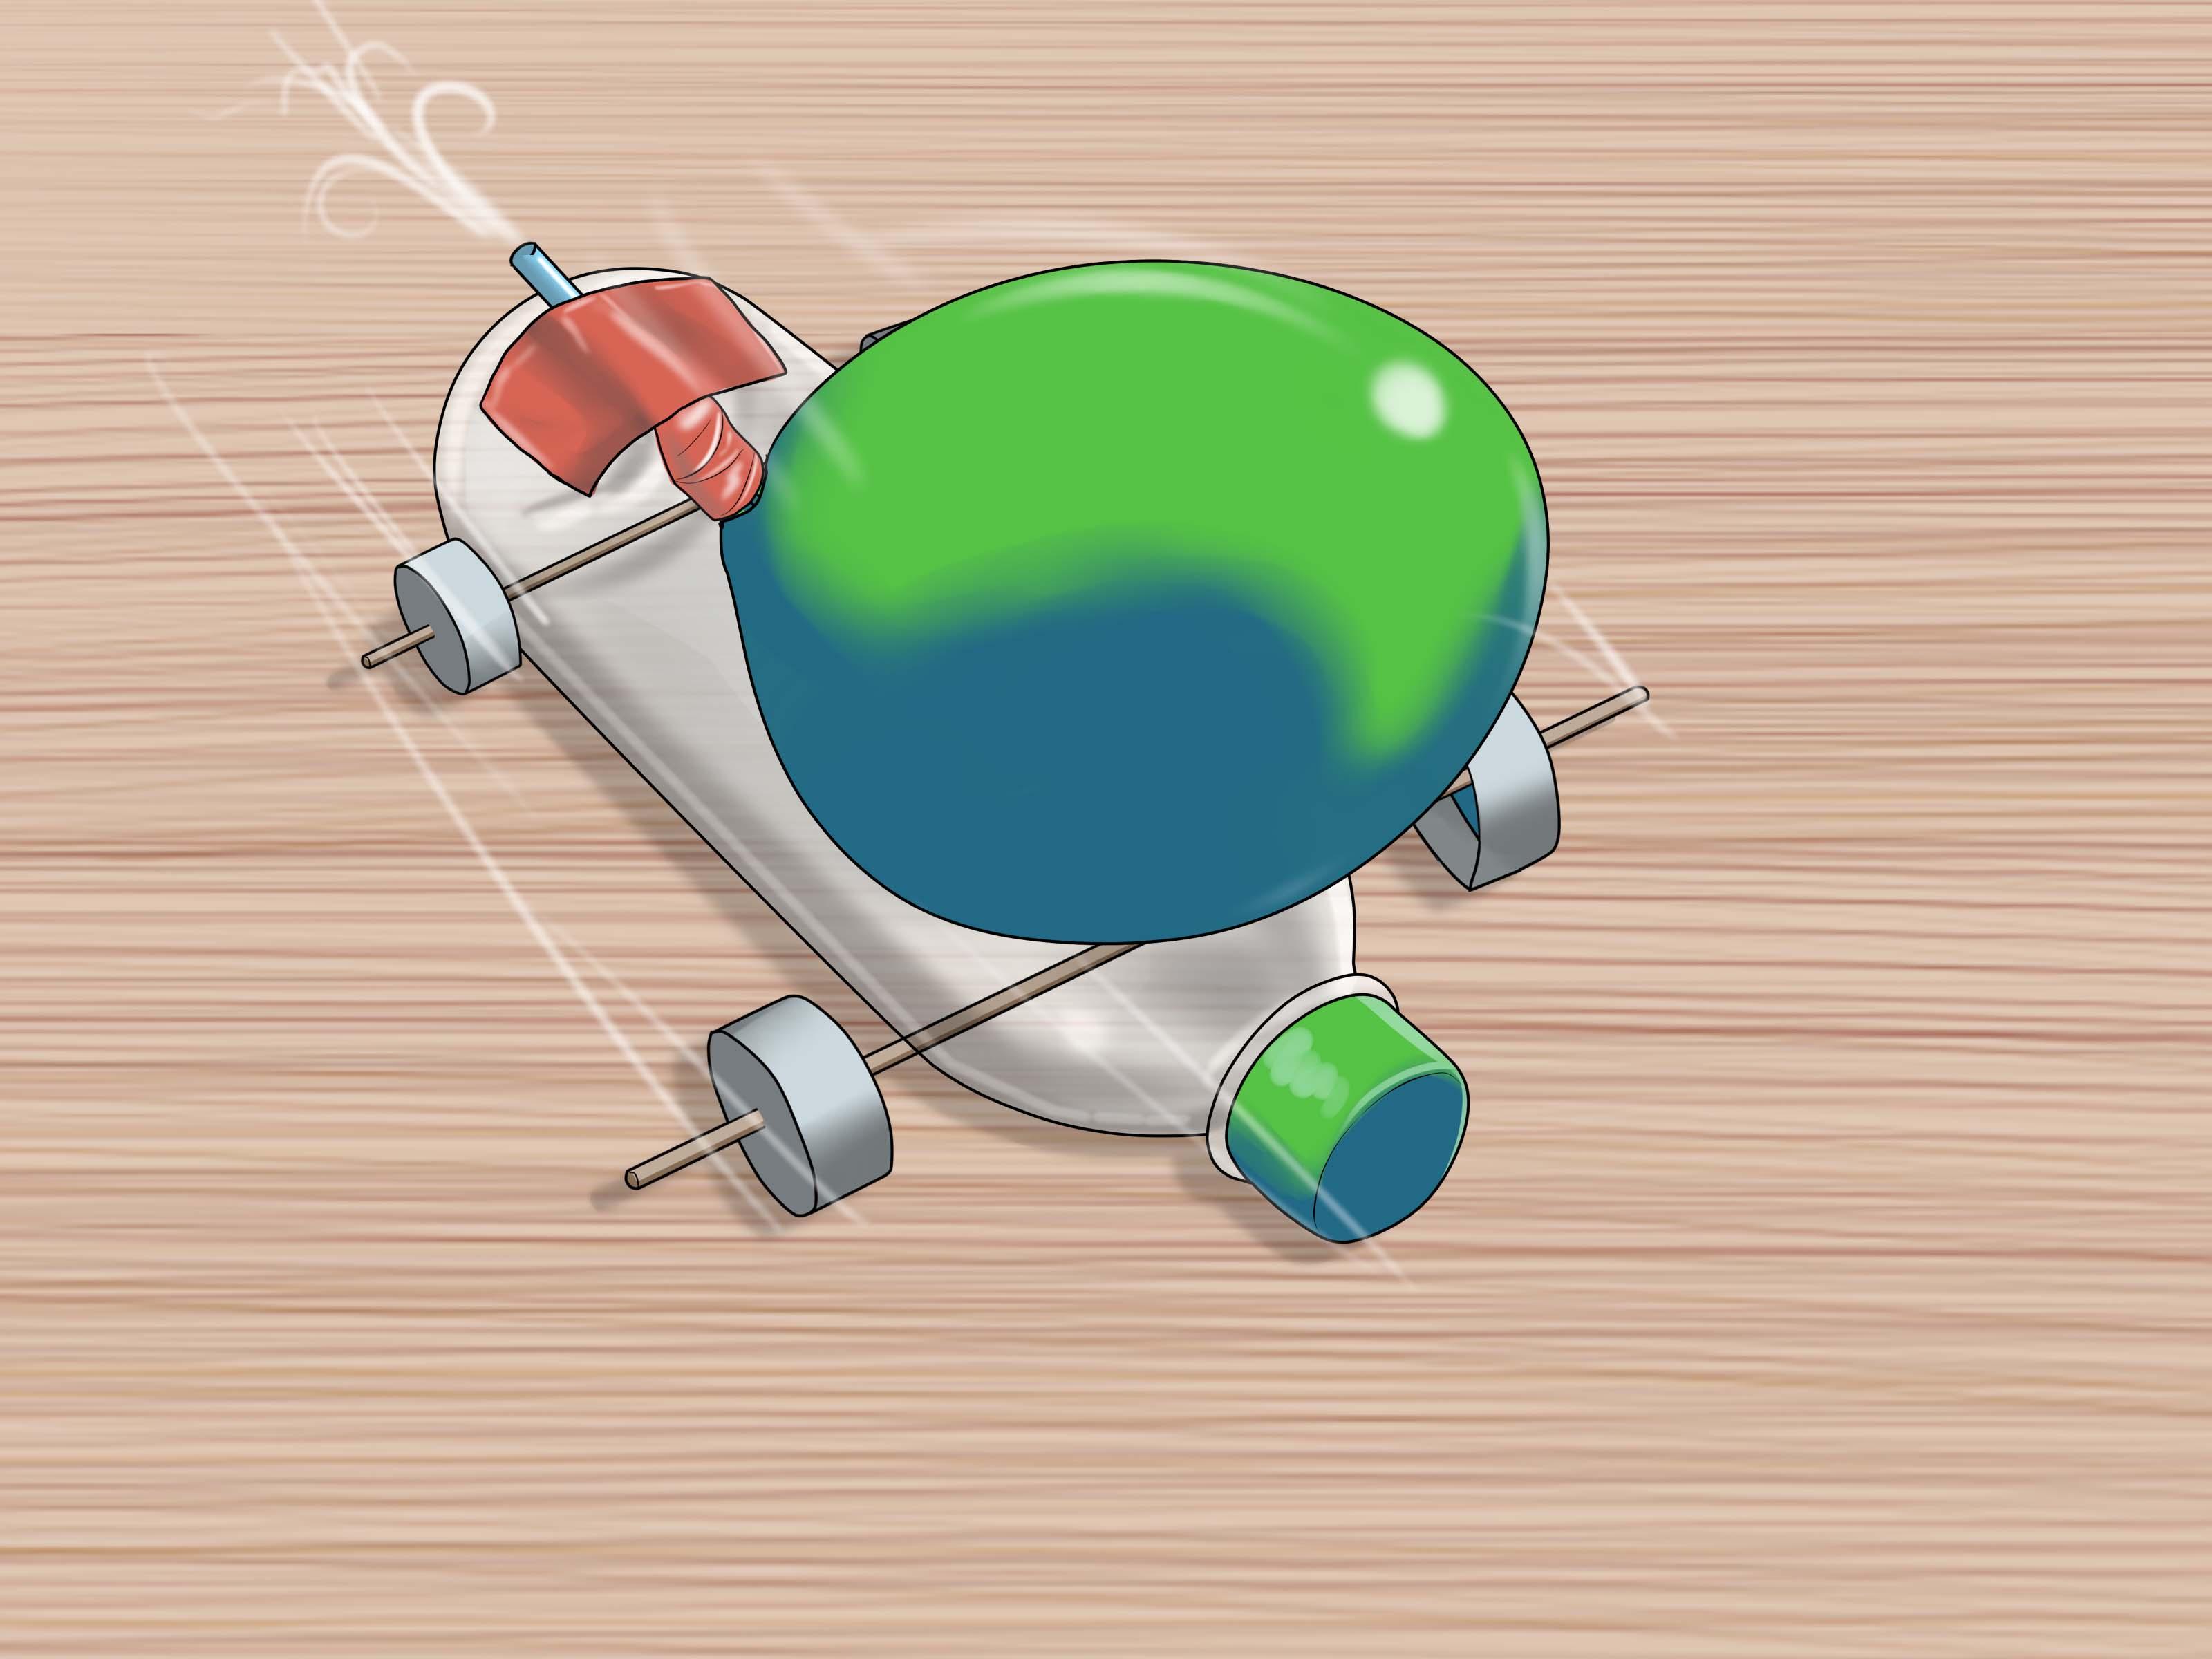 How To Make A Balloon Rocket Car